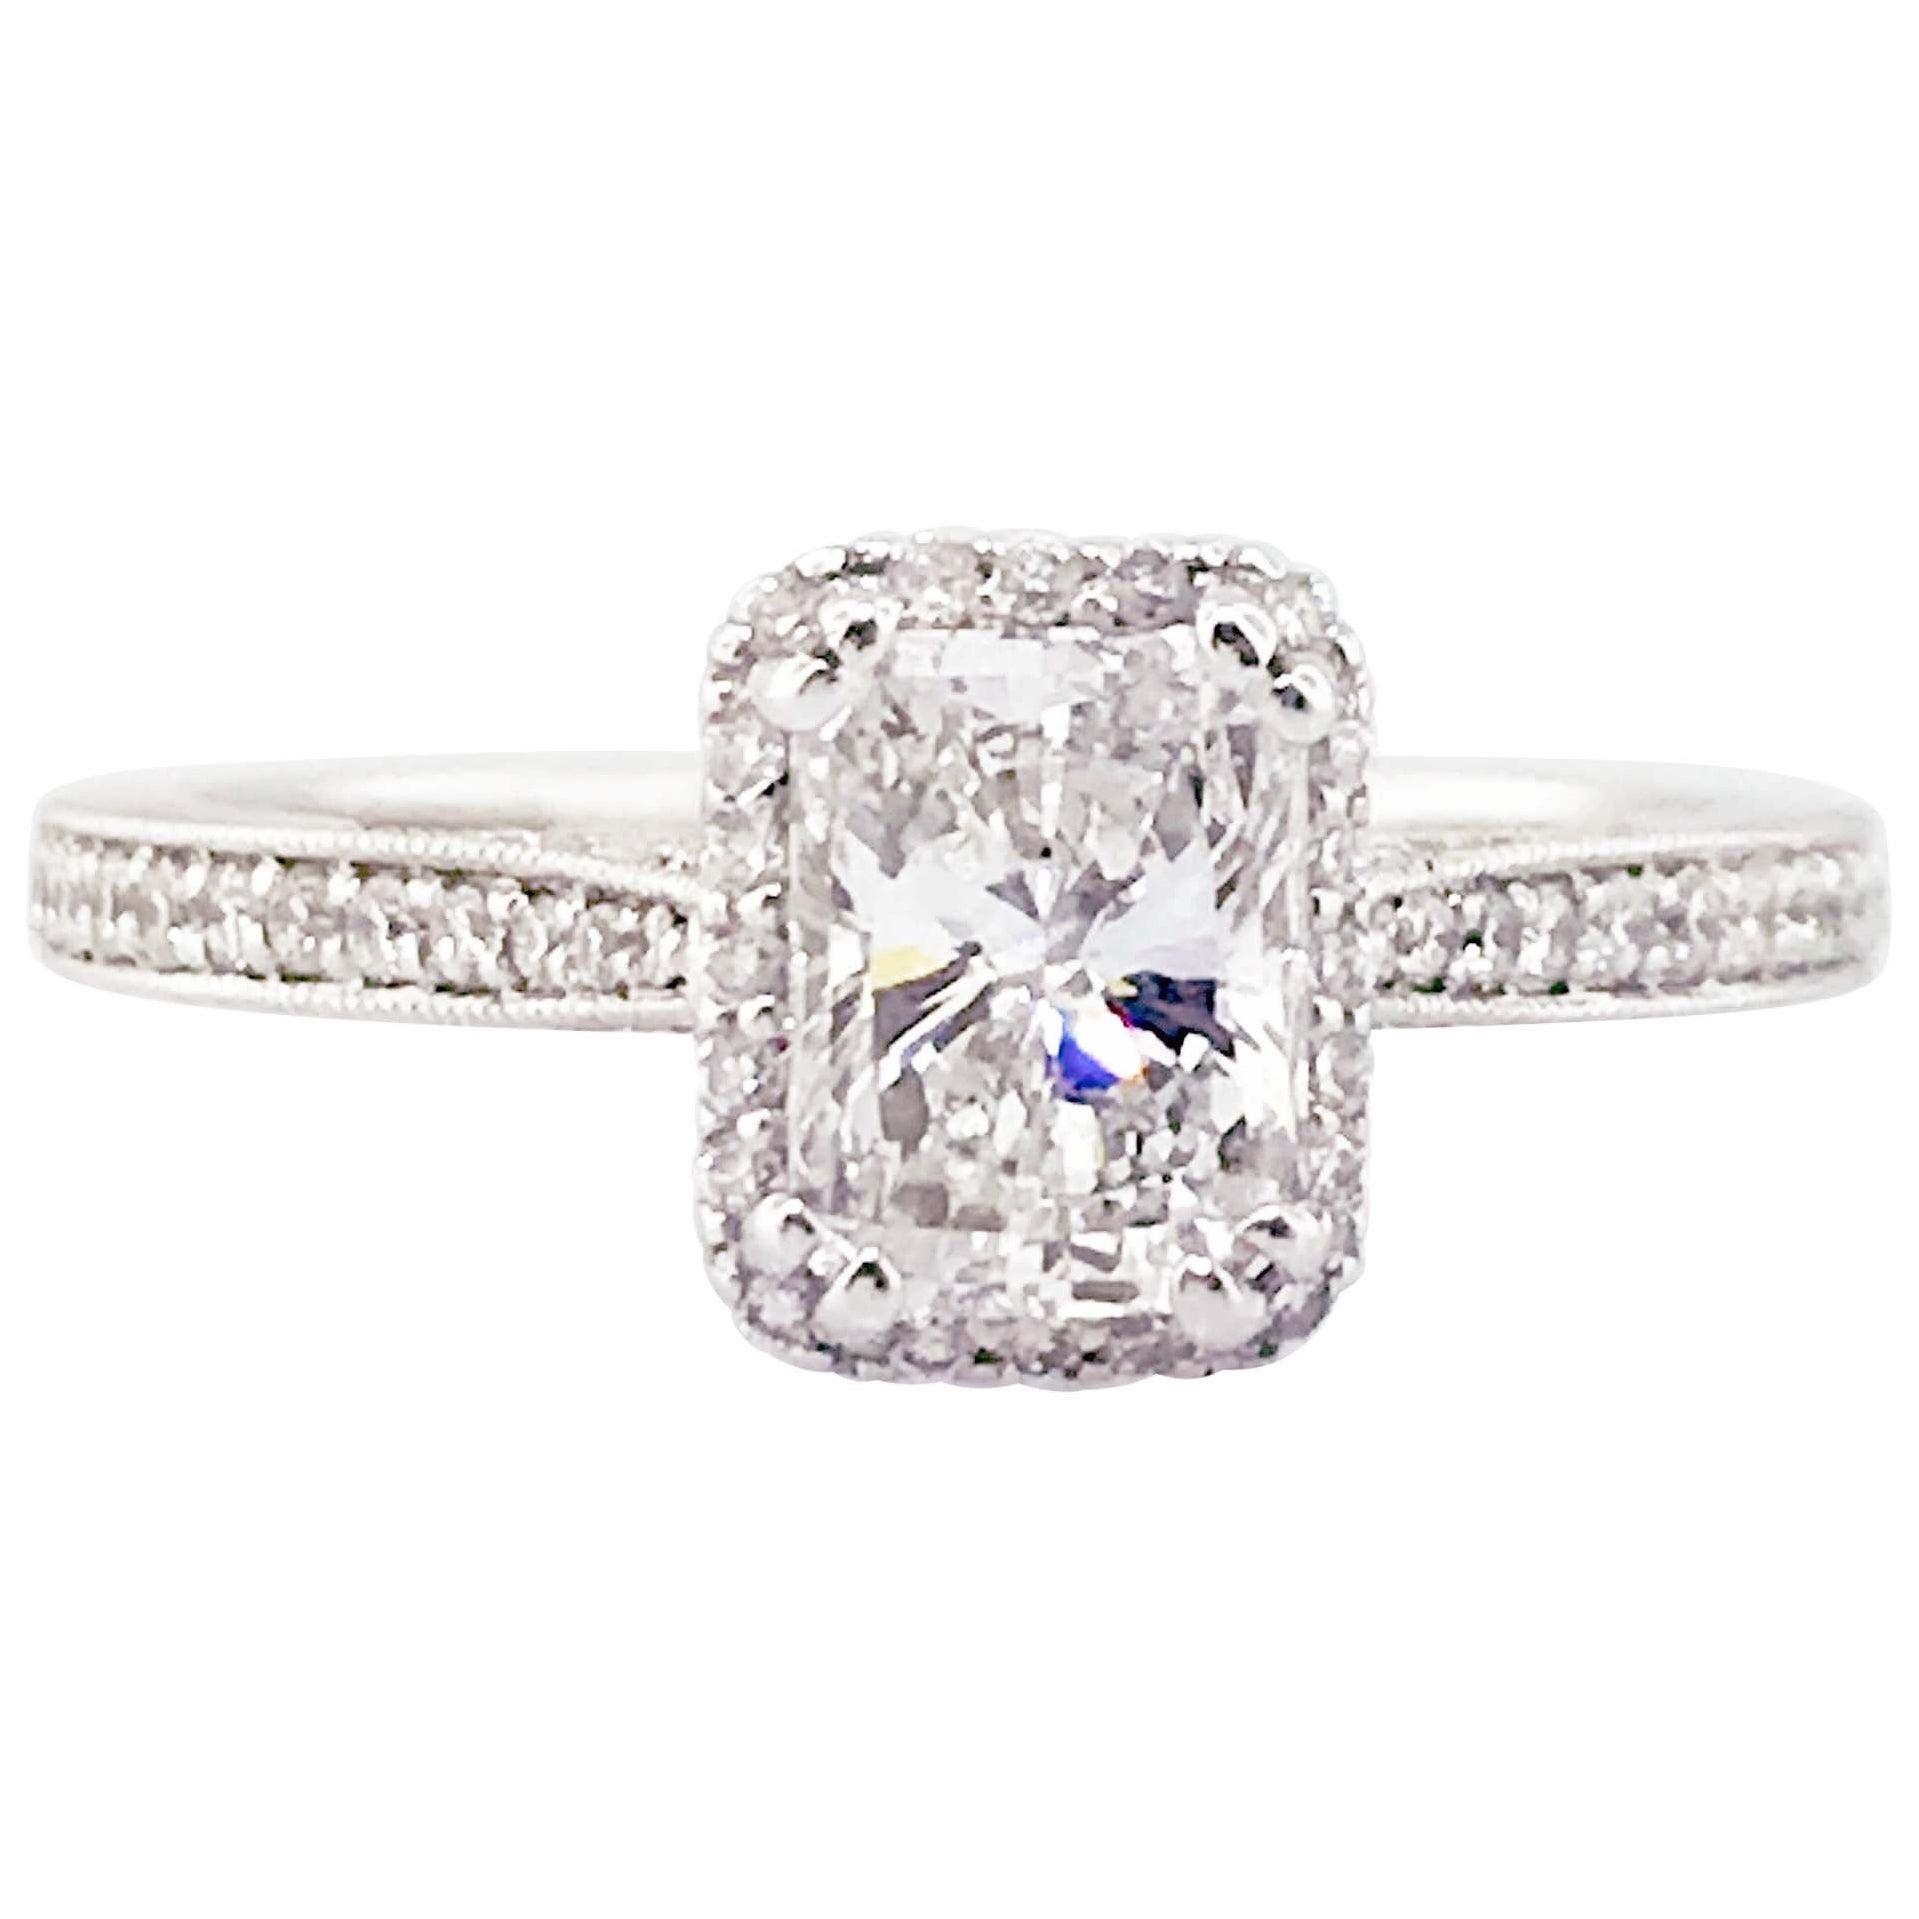 1.00 Carat VVS1 G Diamond Halo Ring 19 Karat White Gold Crescent Engagement Ring